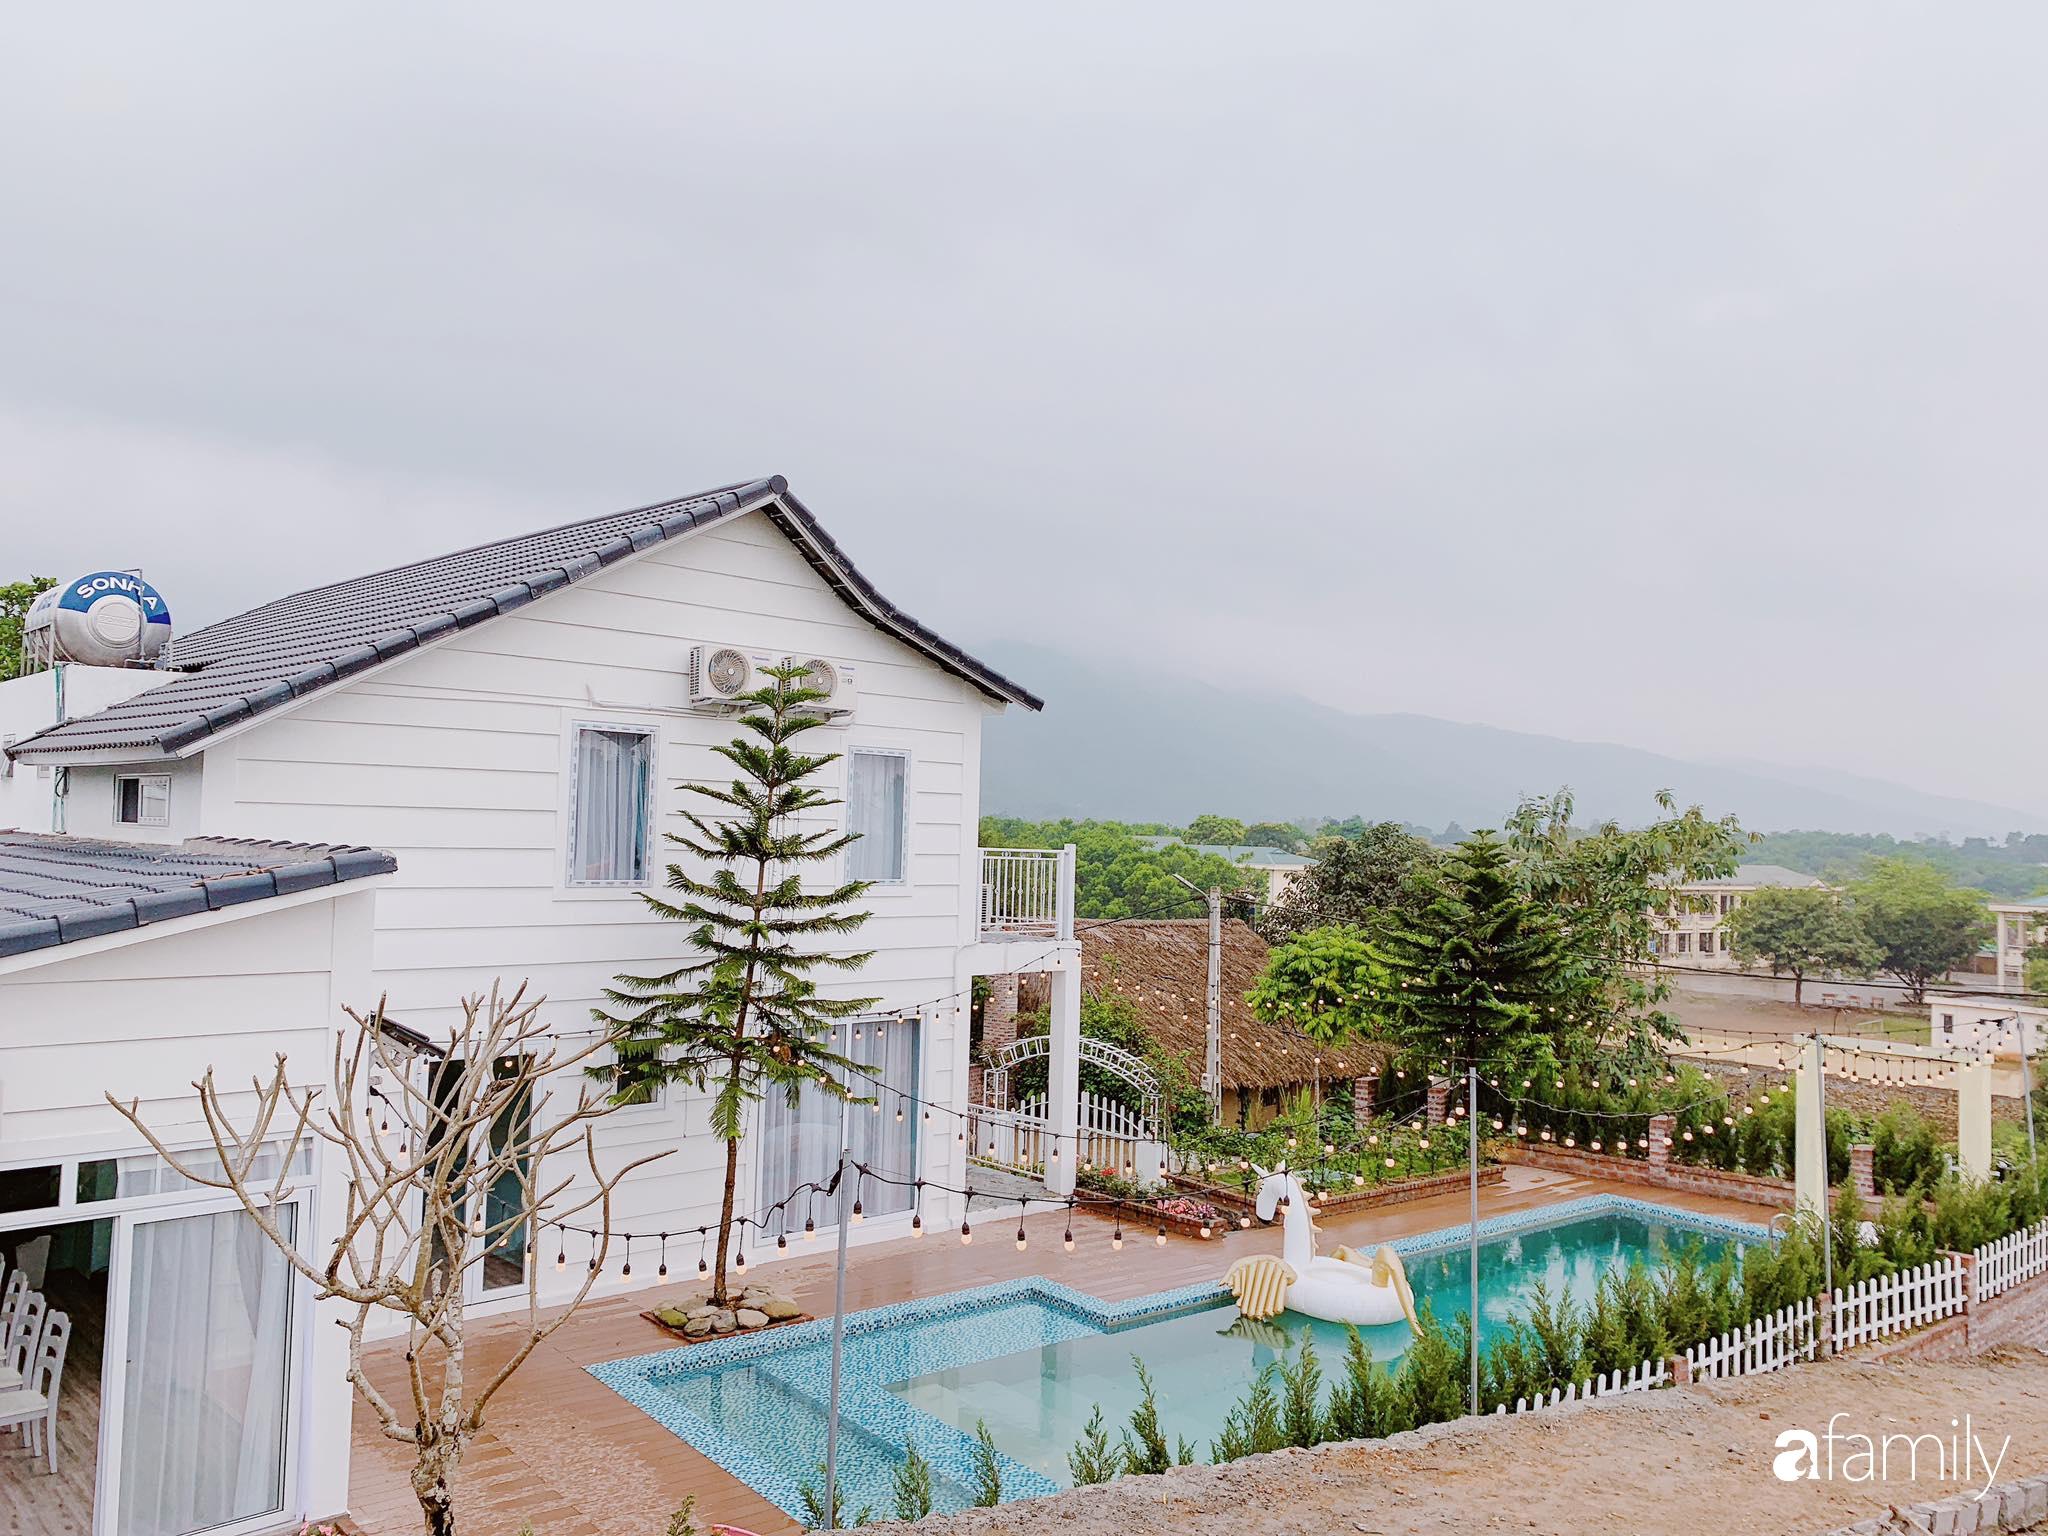 Biệt thự 1000m² tọa lạc trên đồi đẹp yên bình với ngoại thất sân vườn rực rỡ sắc màu hoa lá ở Hòa Bình - Ảnh 3.